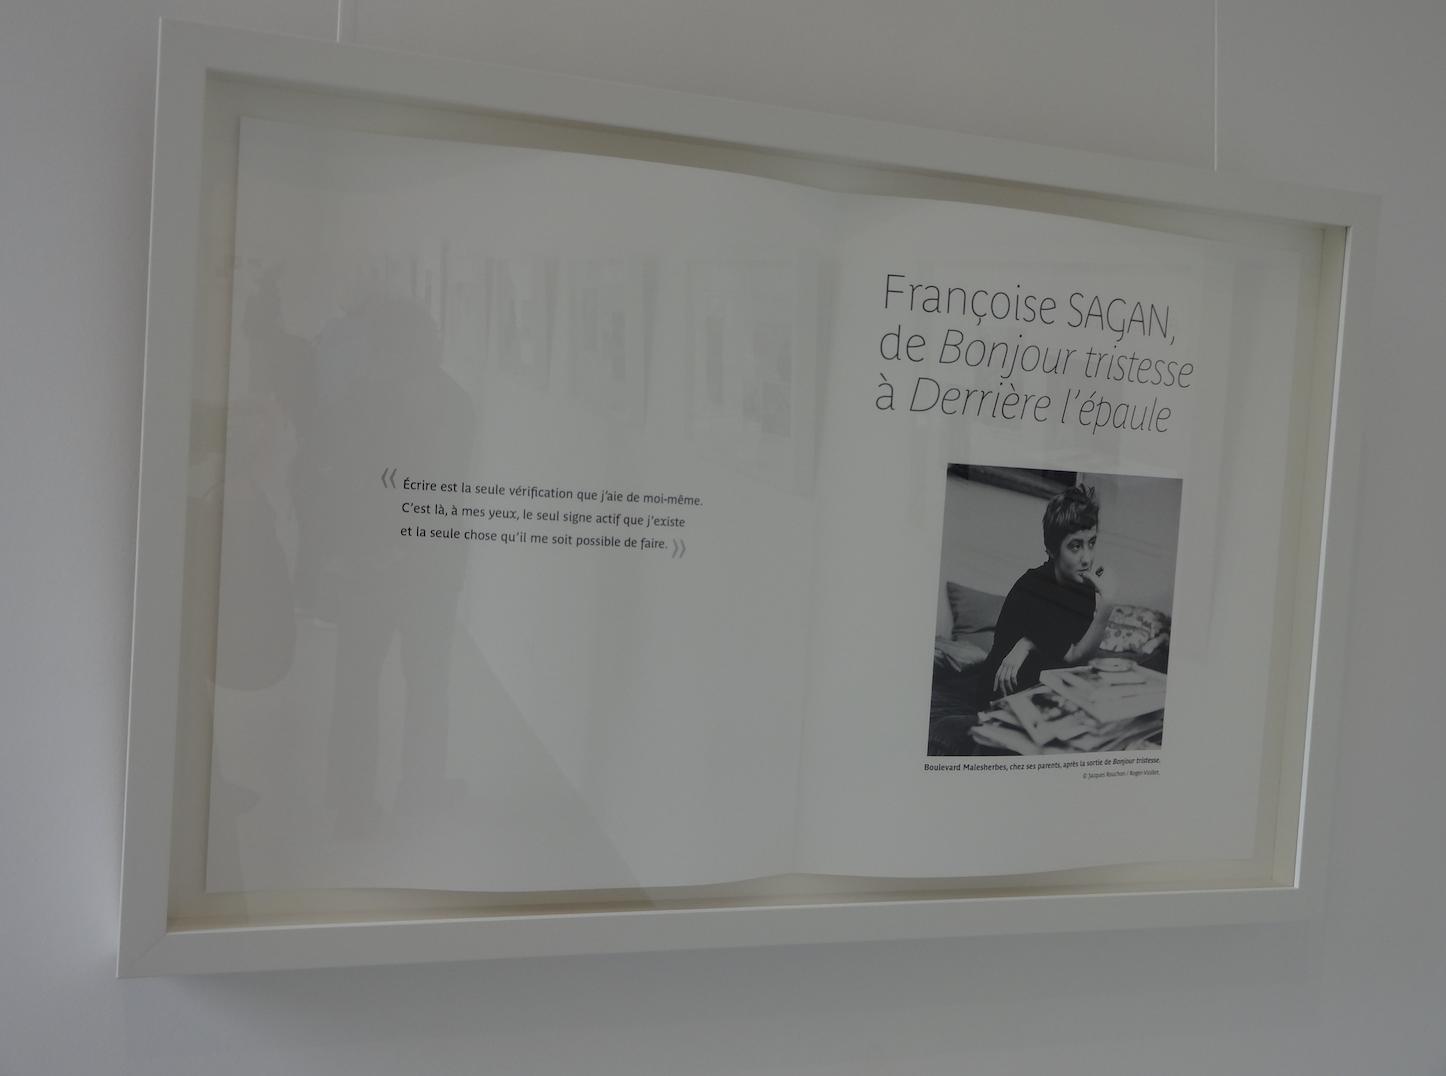 Exposition Sagan, de Bonjour Tristesse à Derrière l'épaule à la médiathèque Françoise Sagan